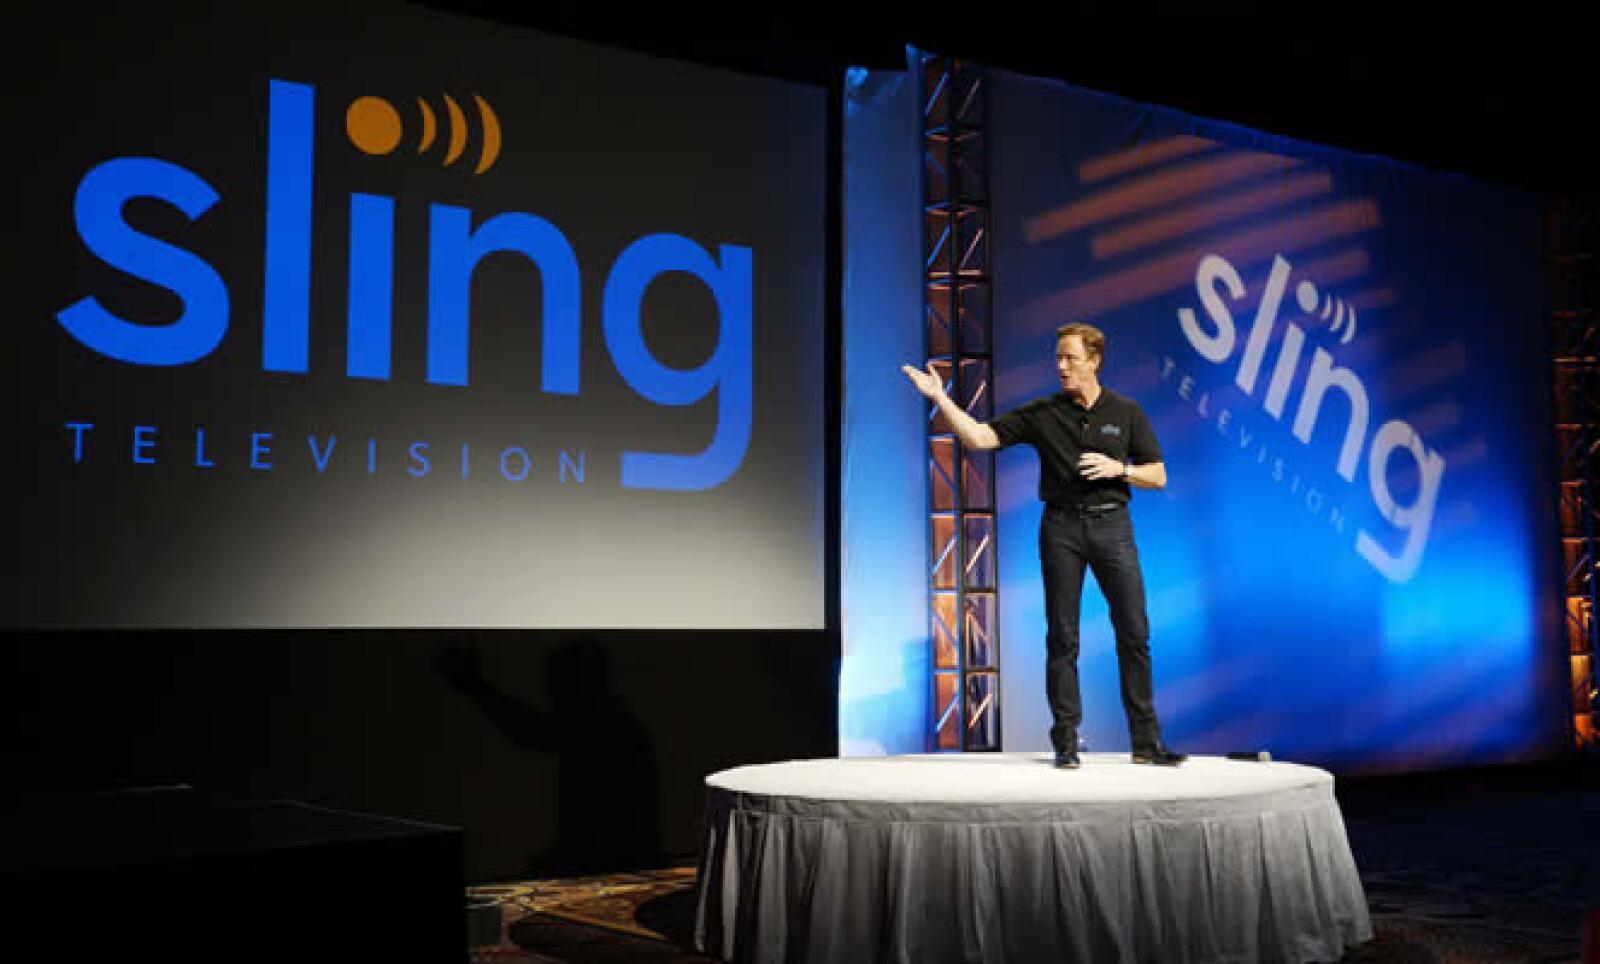 El CEO de Sling TV,Roger Lynch, anunció el nuevo servicio de streaming.